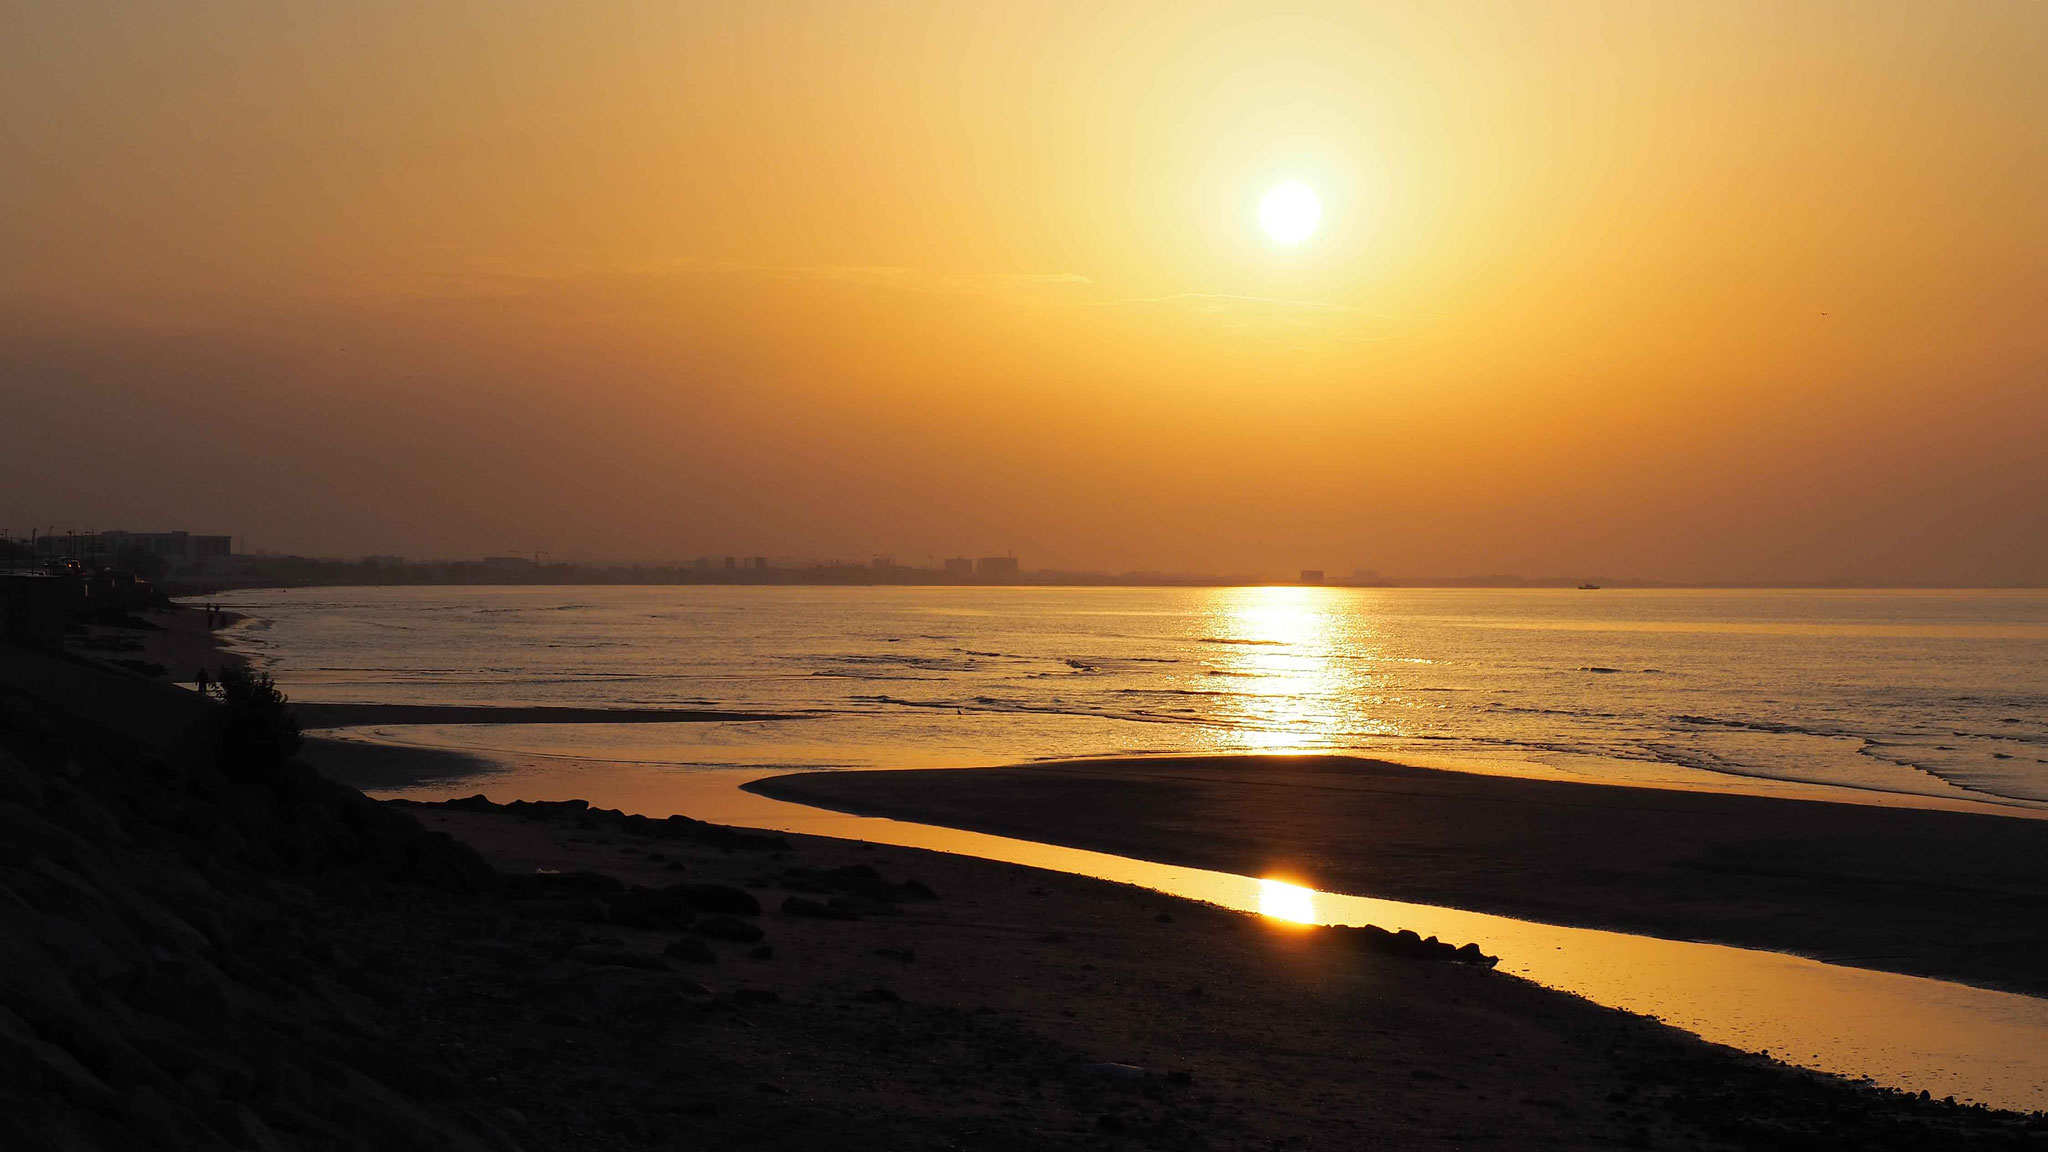 Coucher de soleil sur la plage de Qurm - Oman